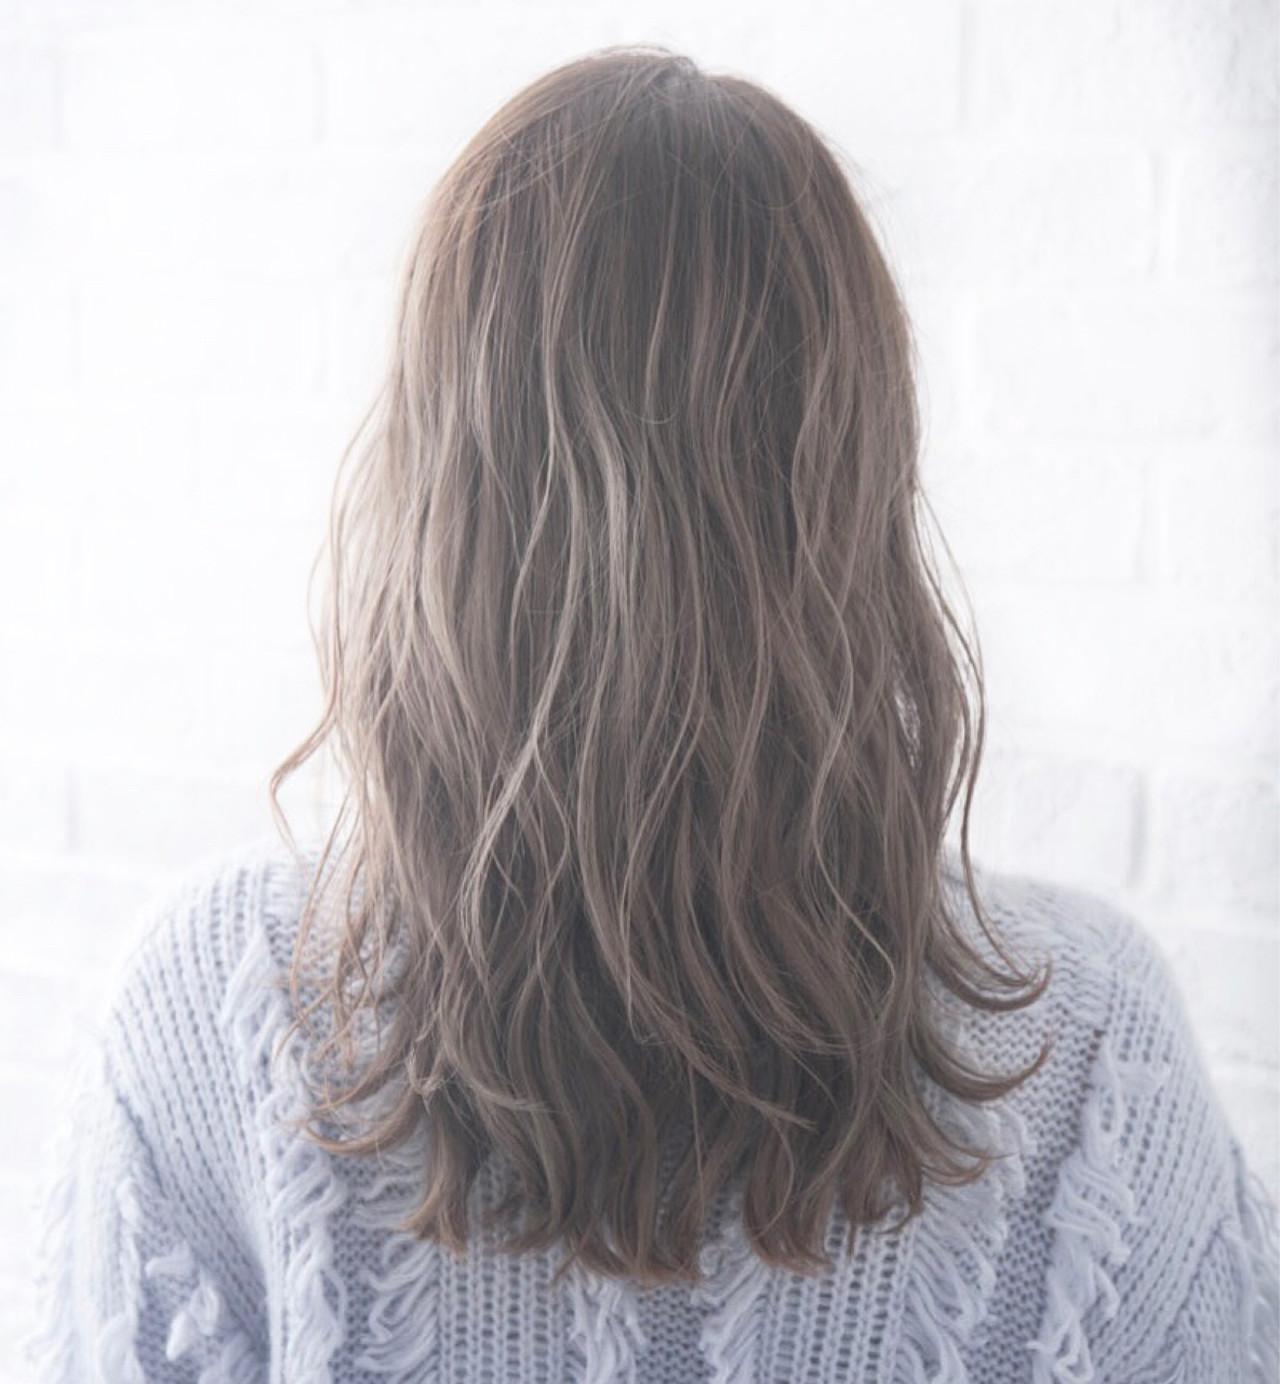 フェミニン 黒髪 セミロング 大人かわいい ヘアスタイルや髪型の写真・画像